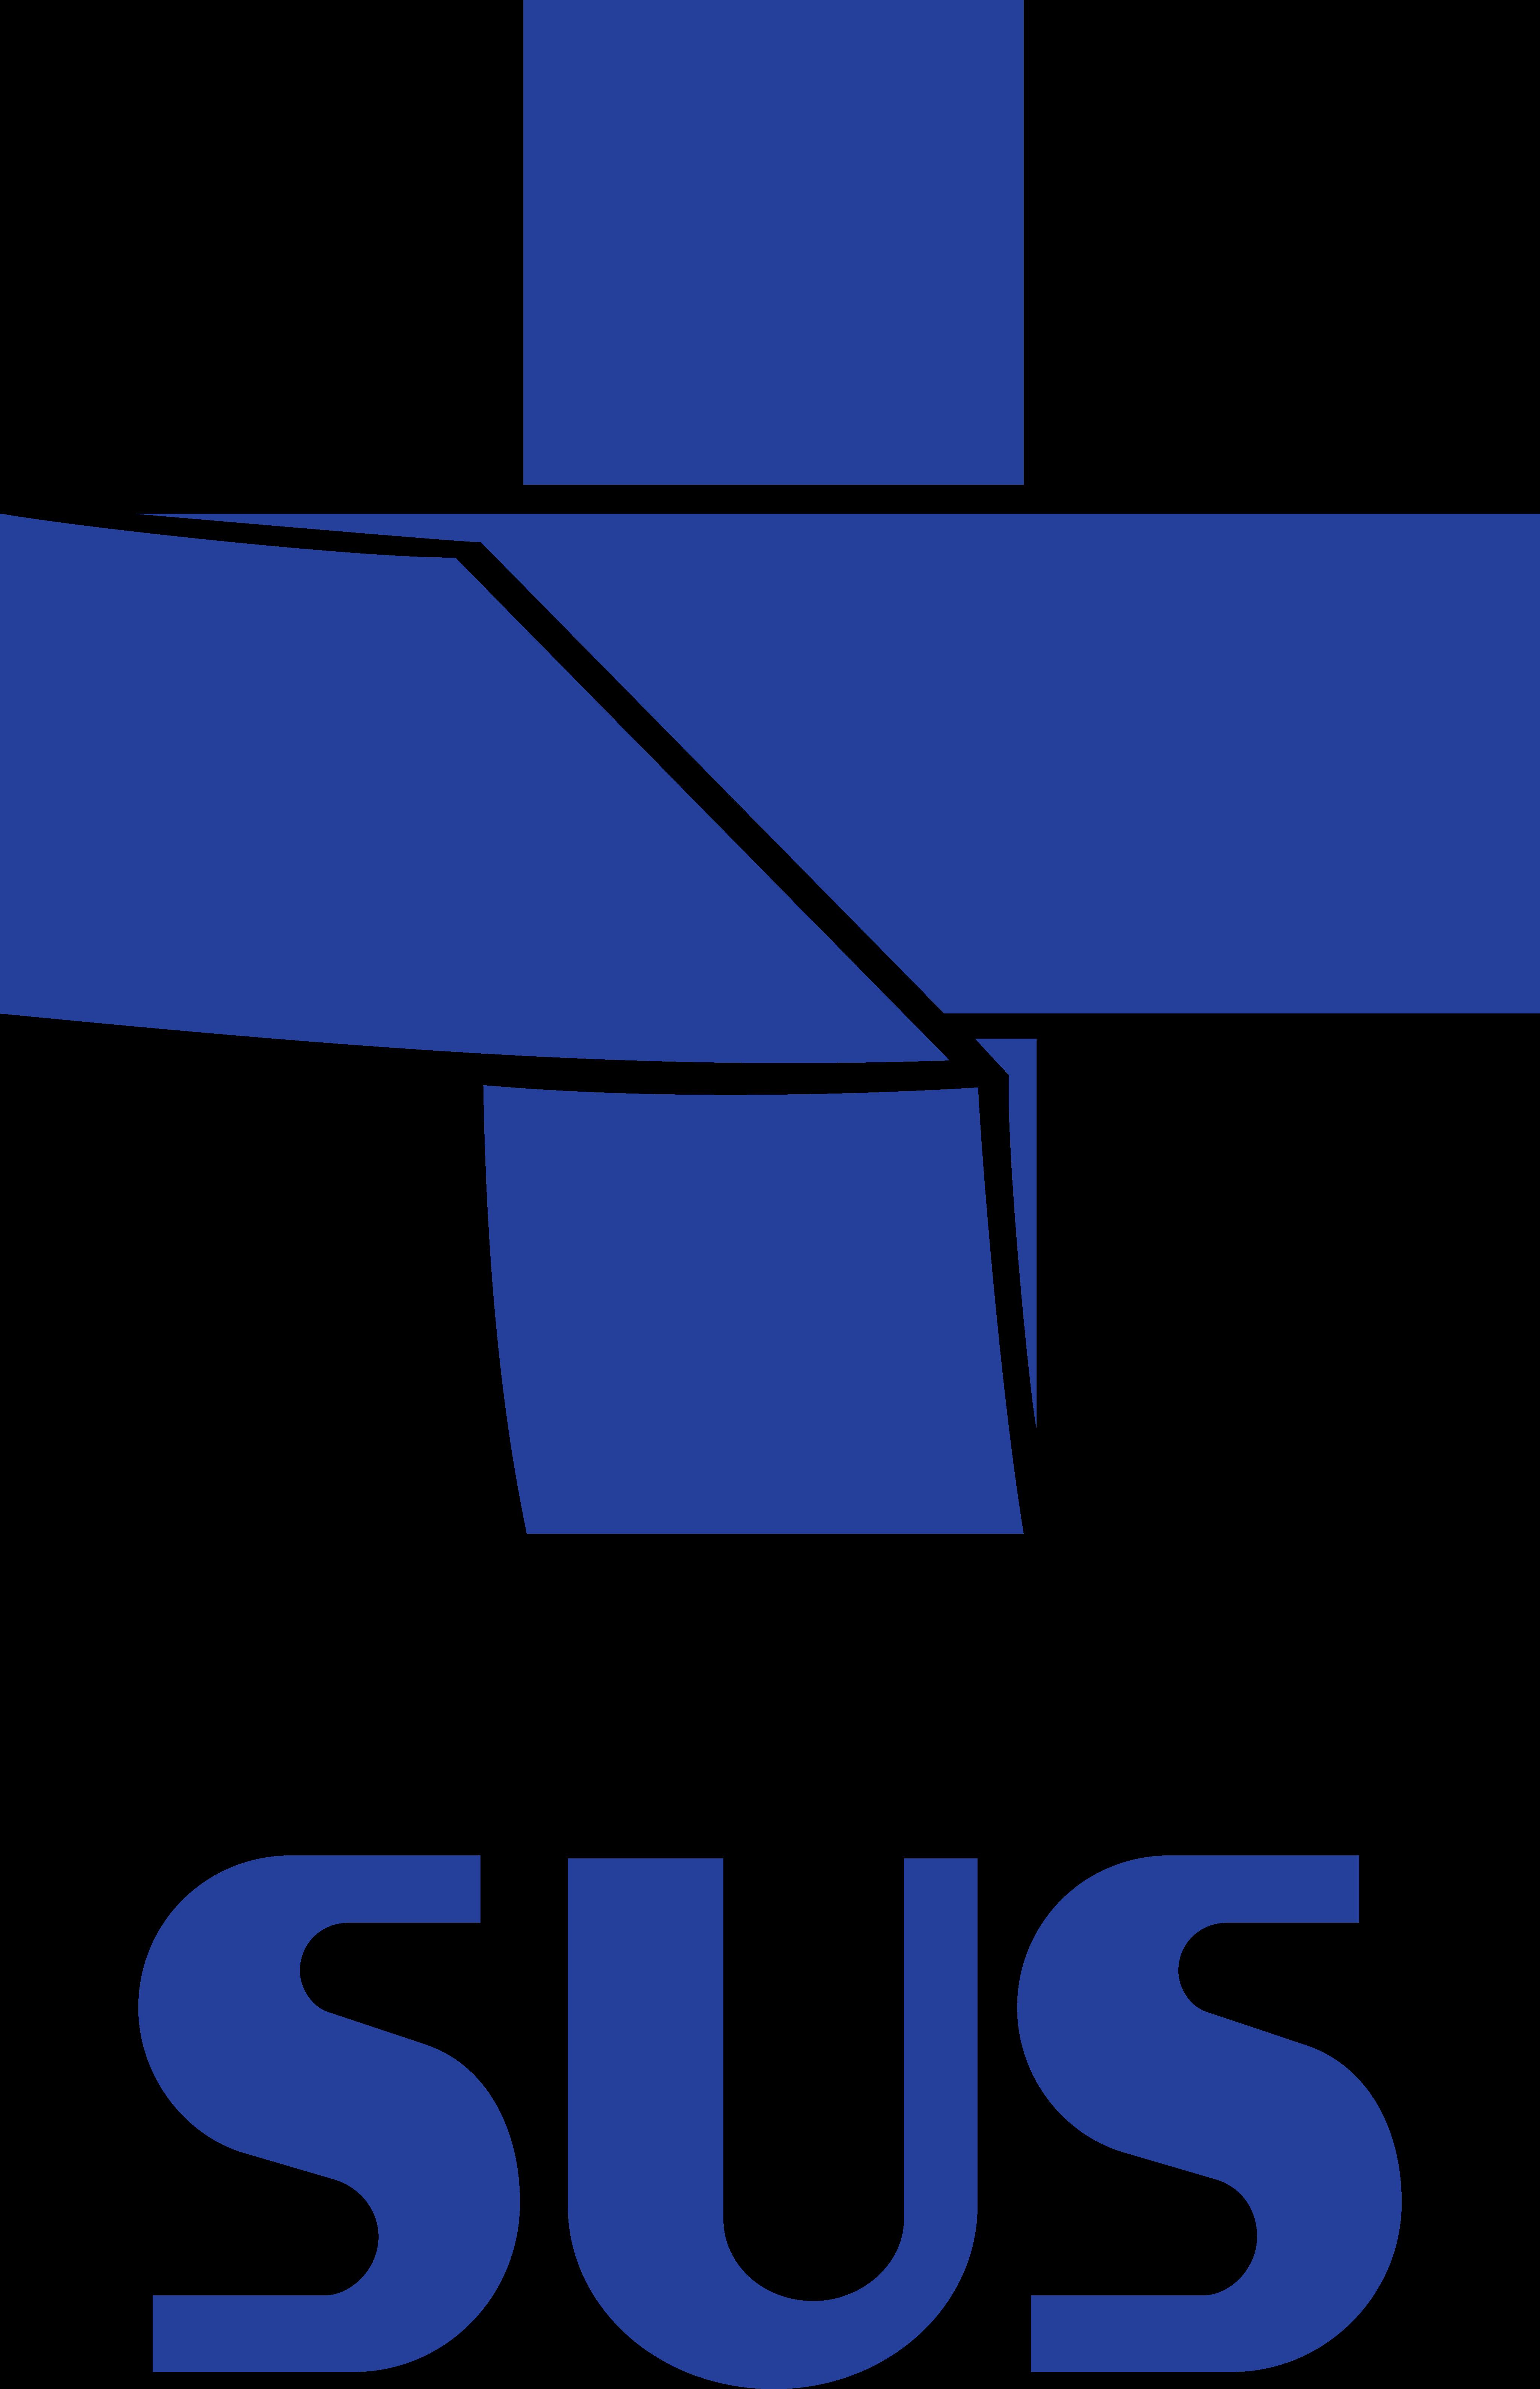 sus logo 01 - SUS Logo - Sistema Único de Saúde Logo